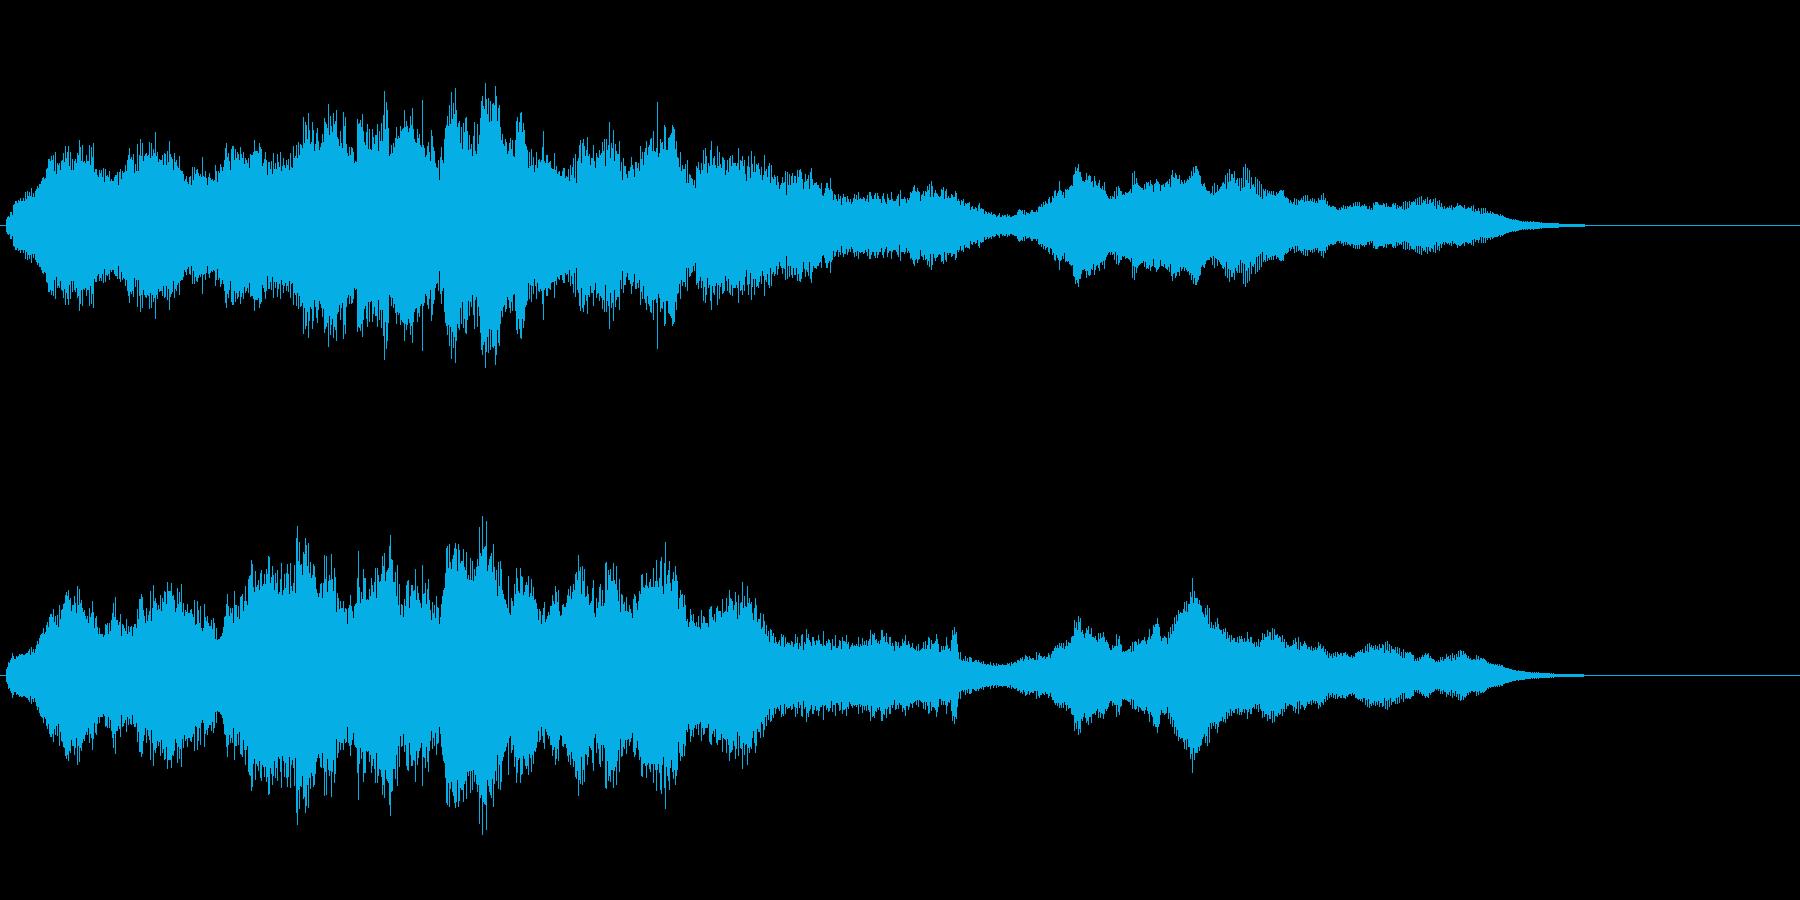 機械仕掛けのアイキャッチ音の再生済みの波形